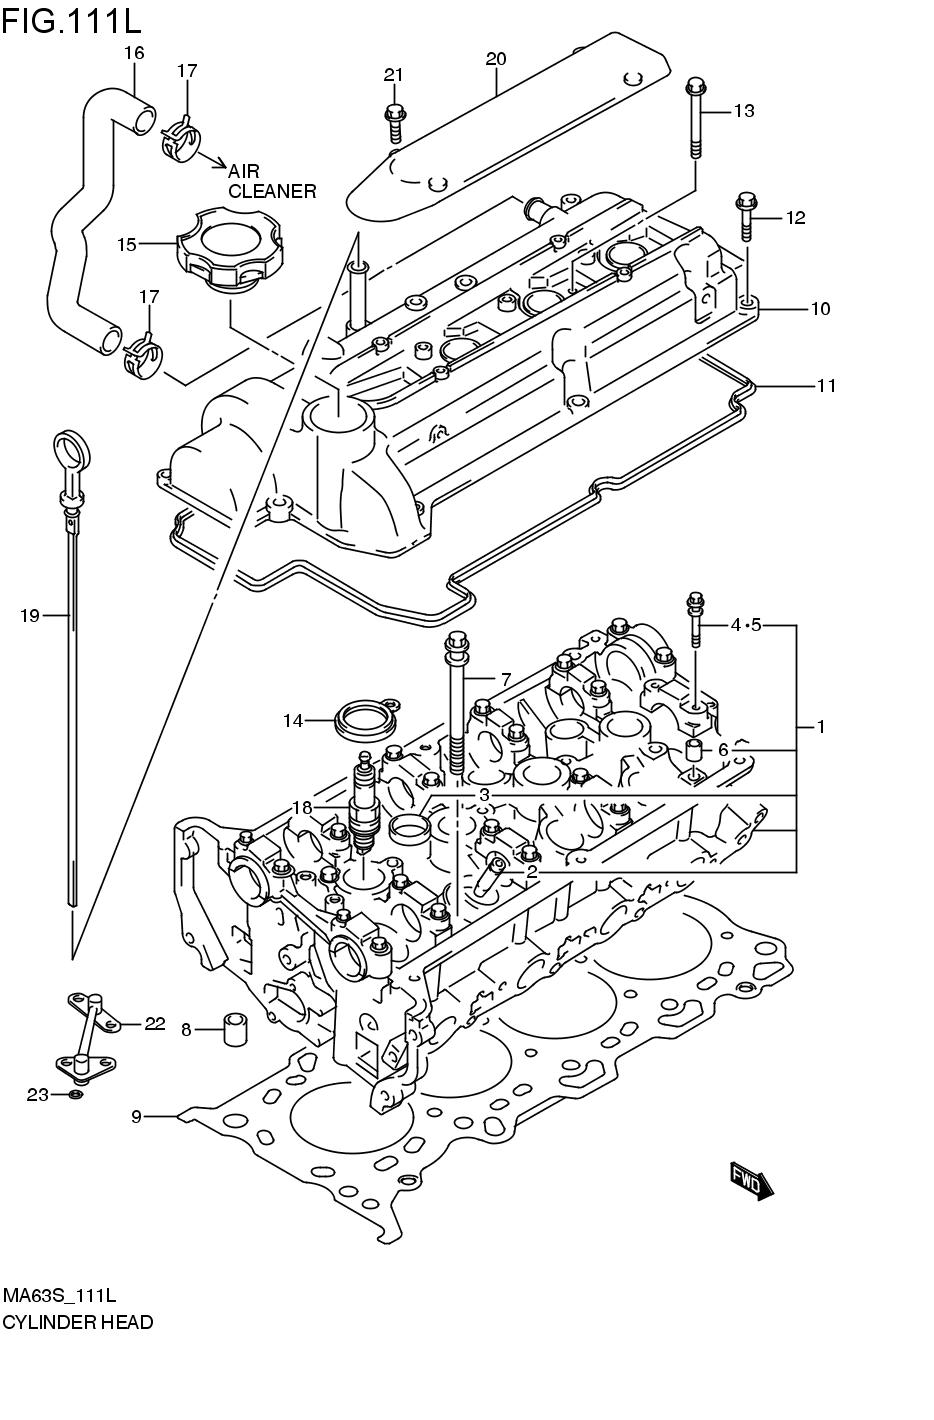 SUZUKI WAGON R WIDE MA63S MA63S 1 ENGINE-FUEL-SYSTEM 111